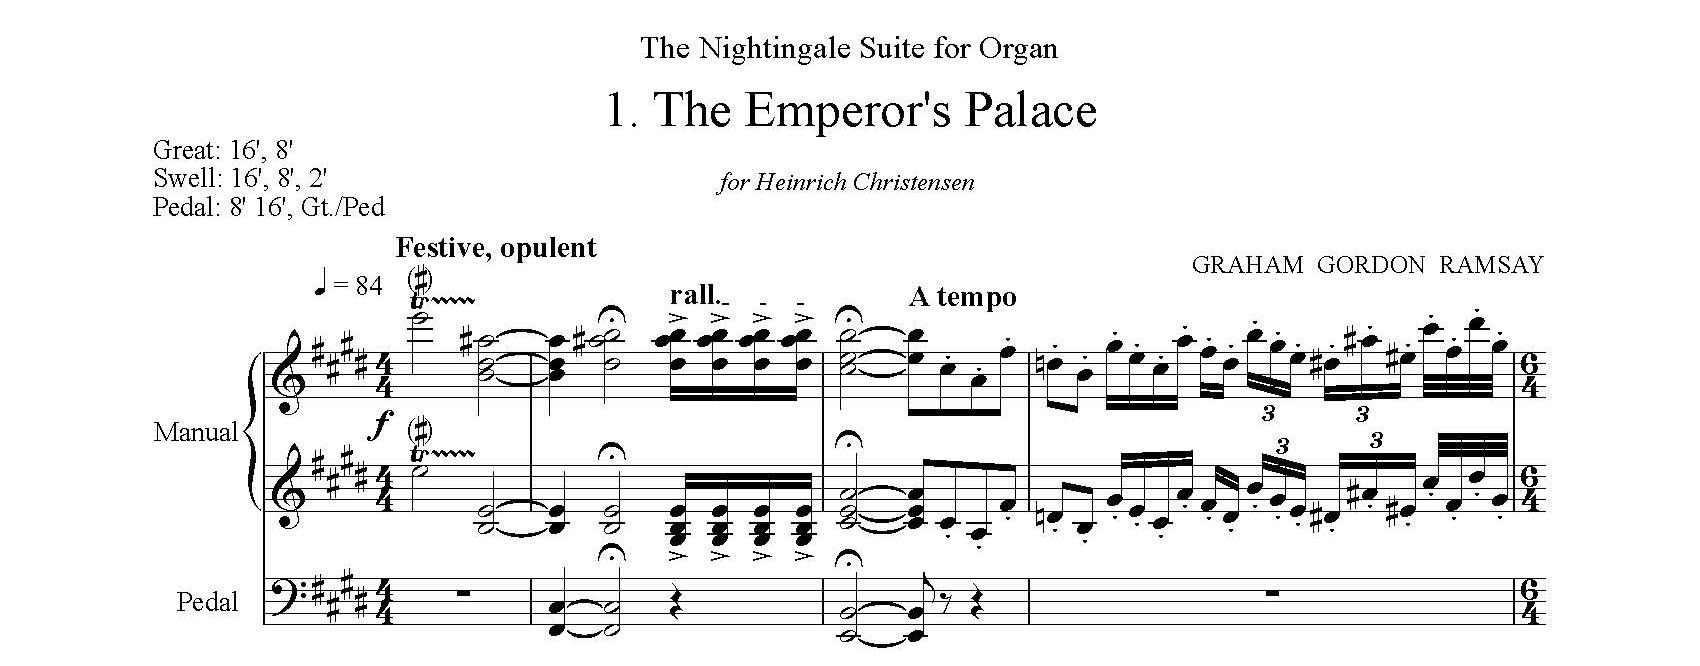 Nightingale suite snippet.jpg